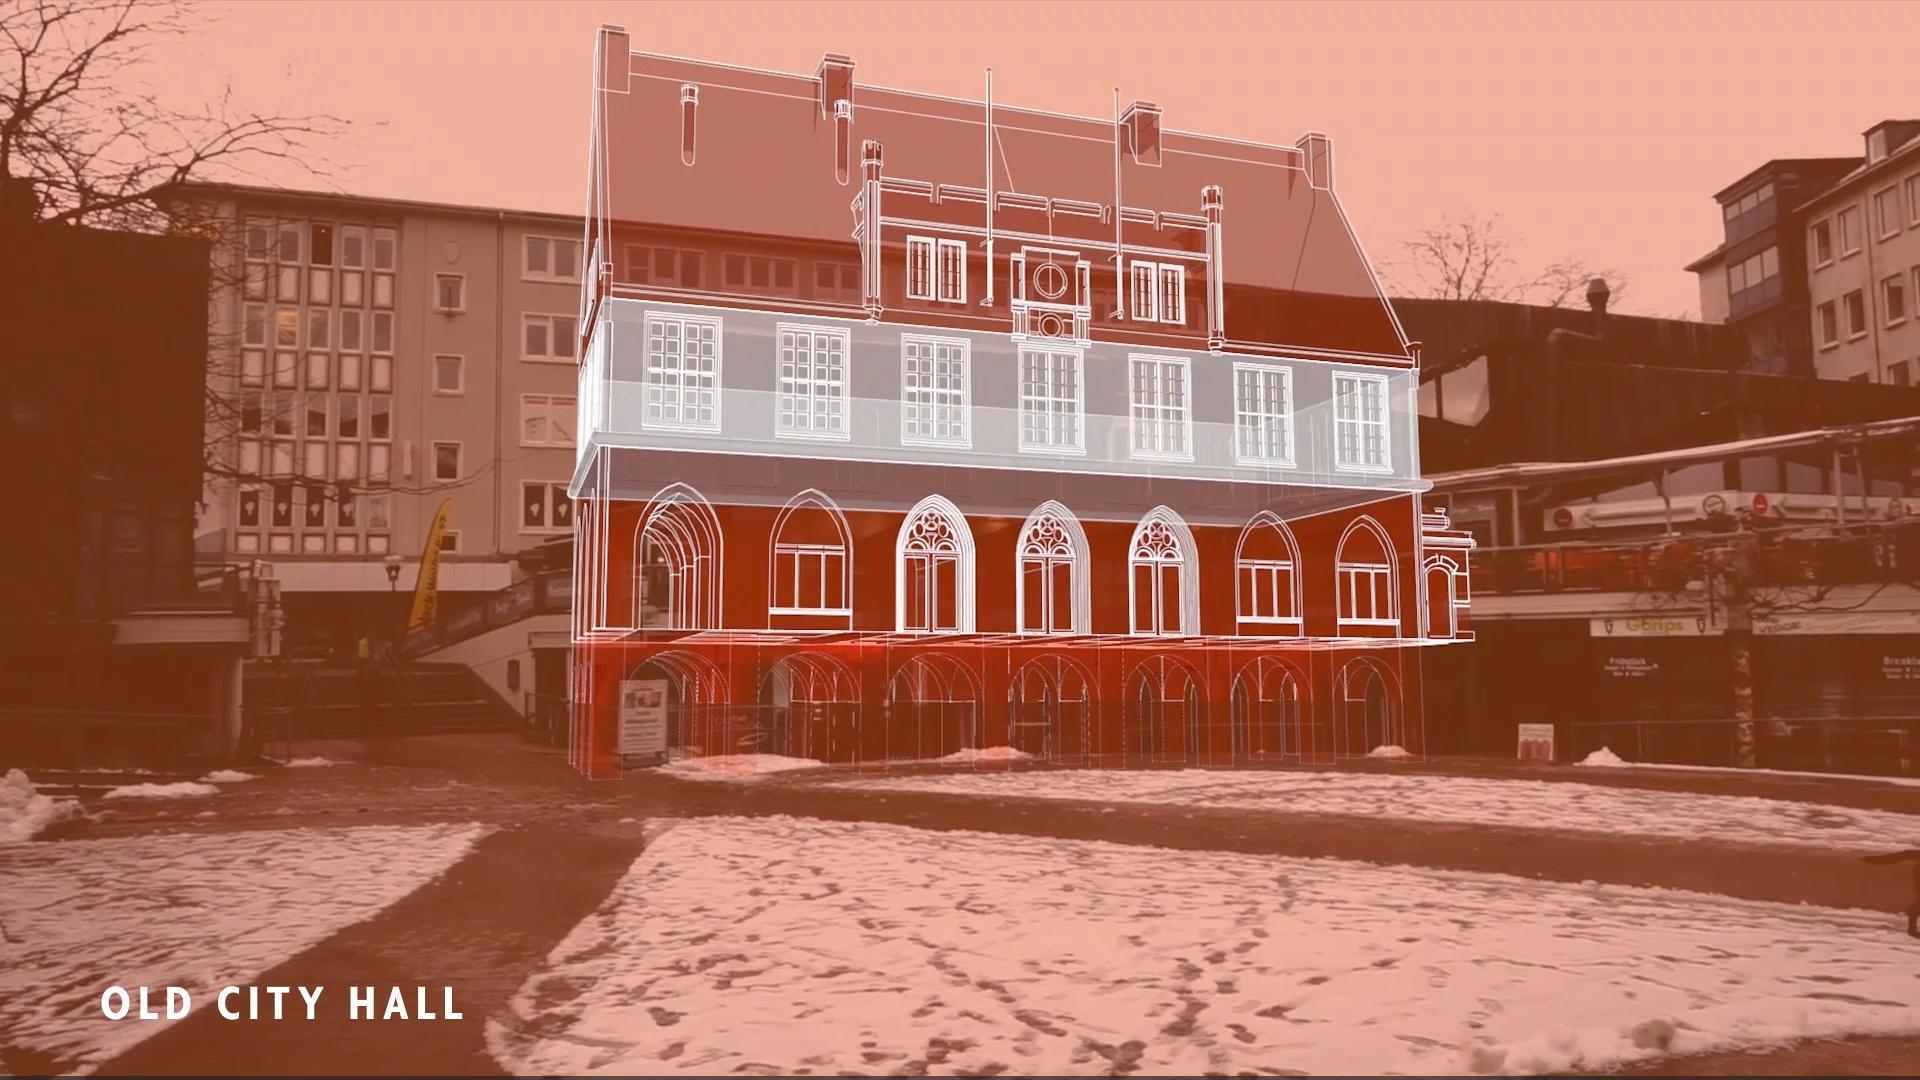 Kielonium AR Historical Citytour